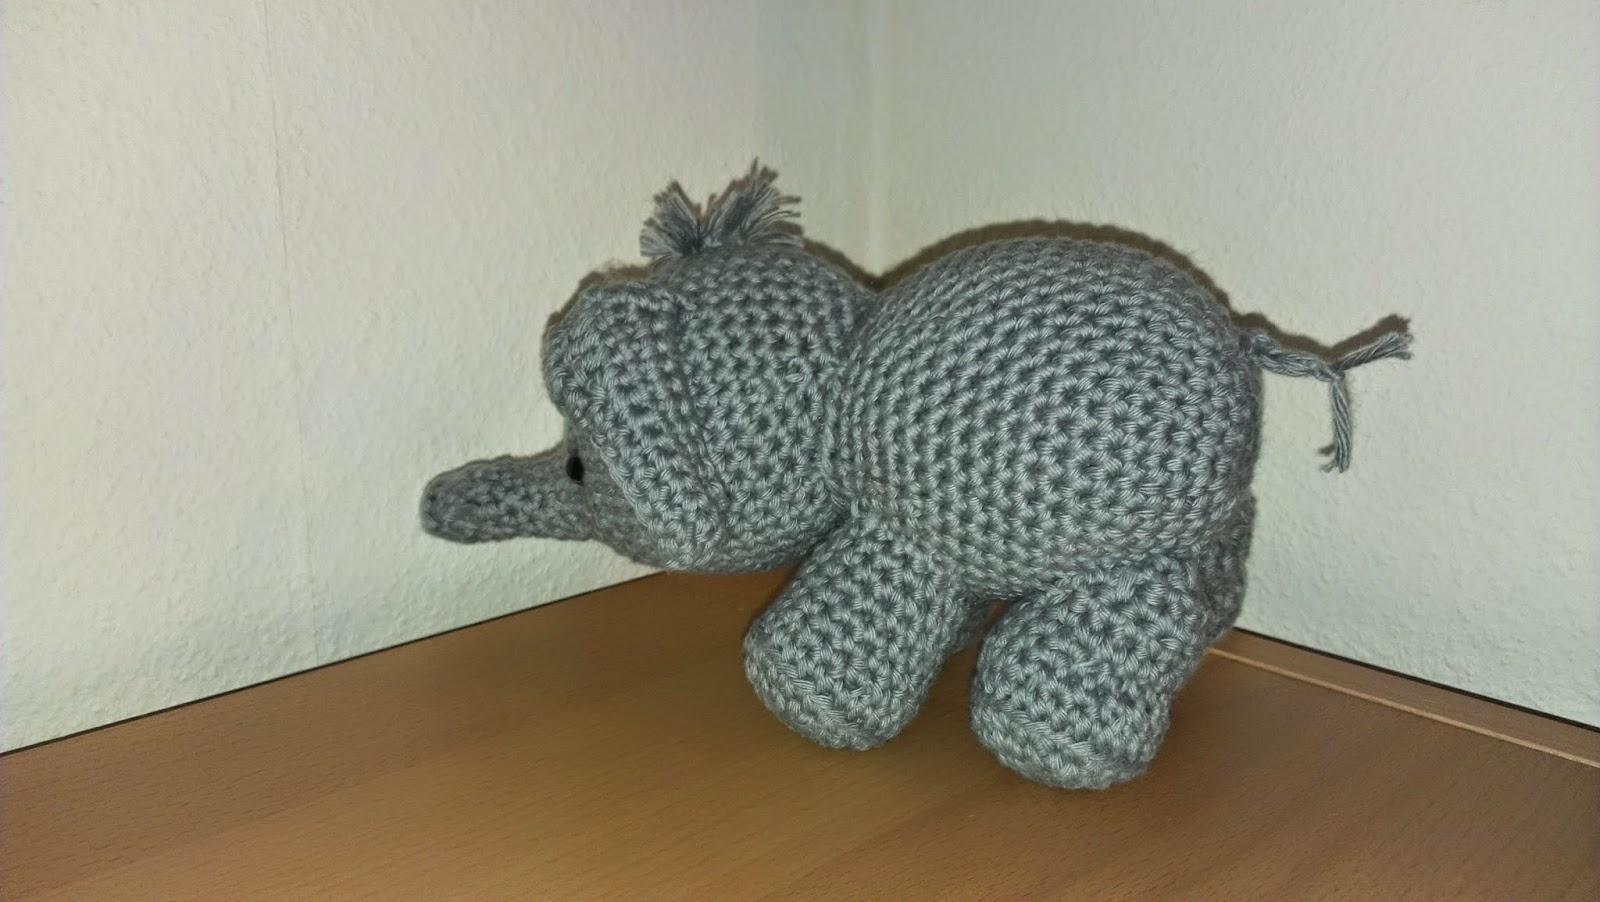 AMIGURUMI ANLEITUNG HÄKELN Häkelanleitung Kleiner Elefant ... | 902x1600